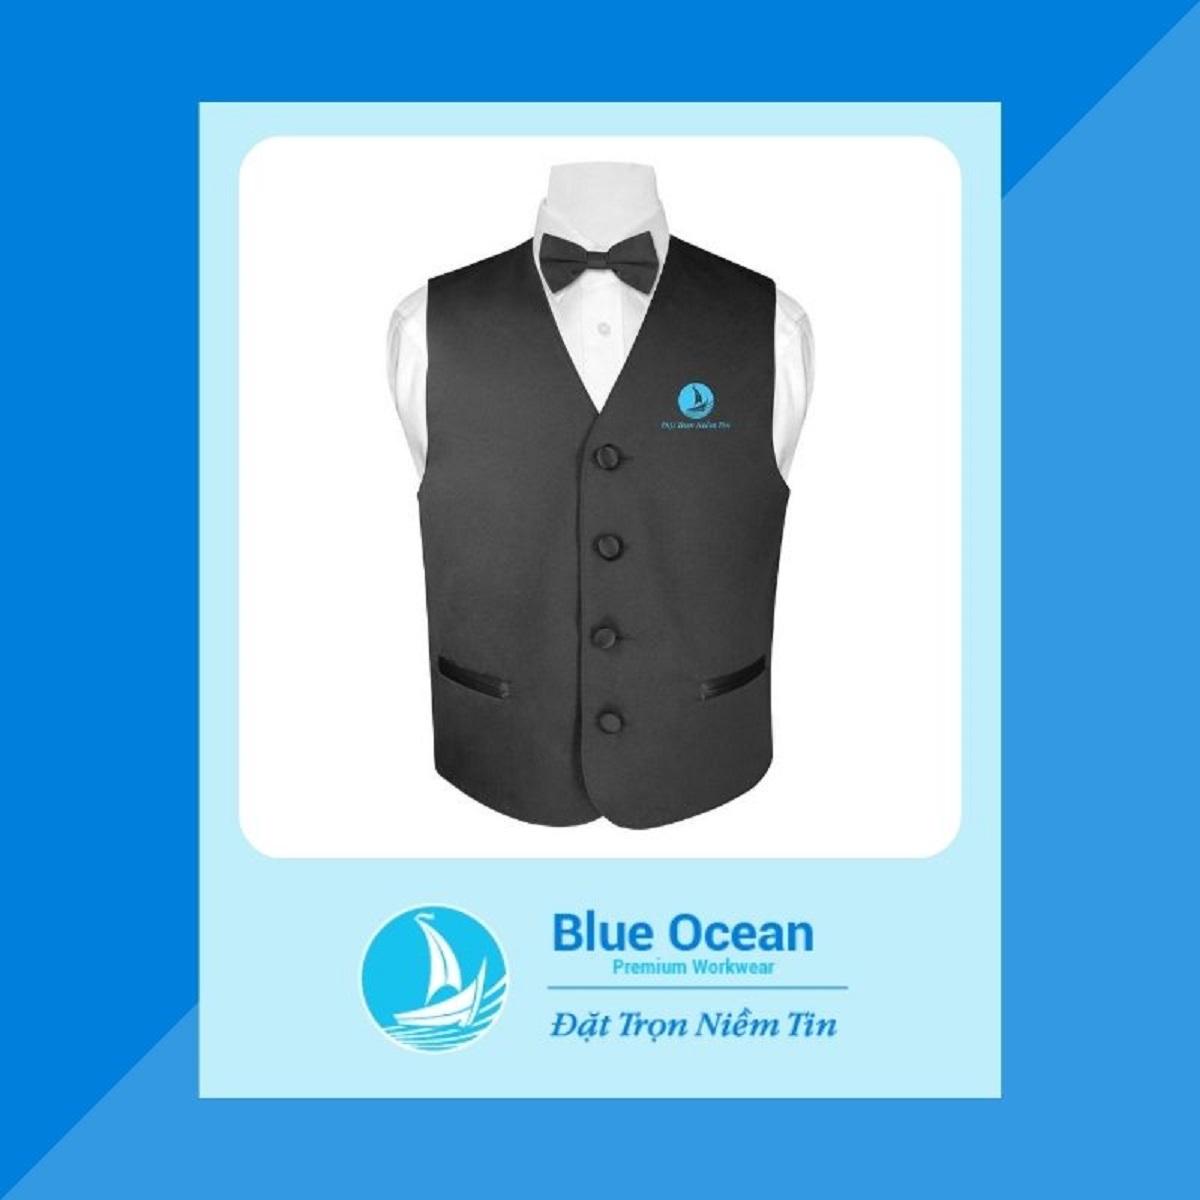 Chất vải luôn đóng vai trò quan trọng khi đặt may đồng phục phục vụ